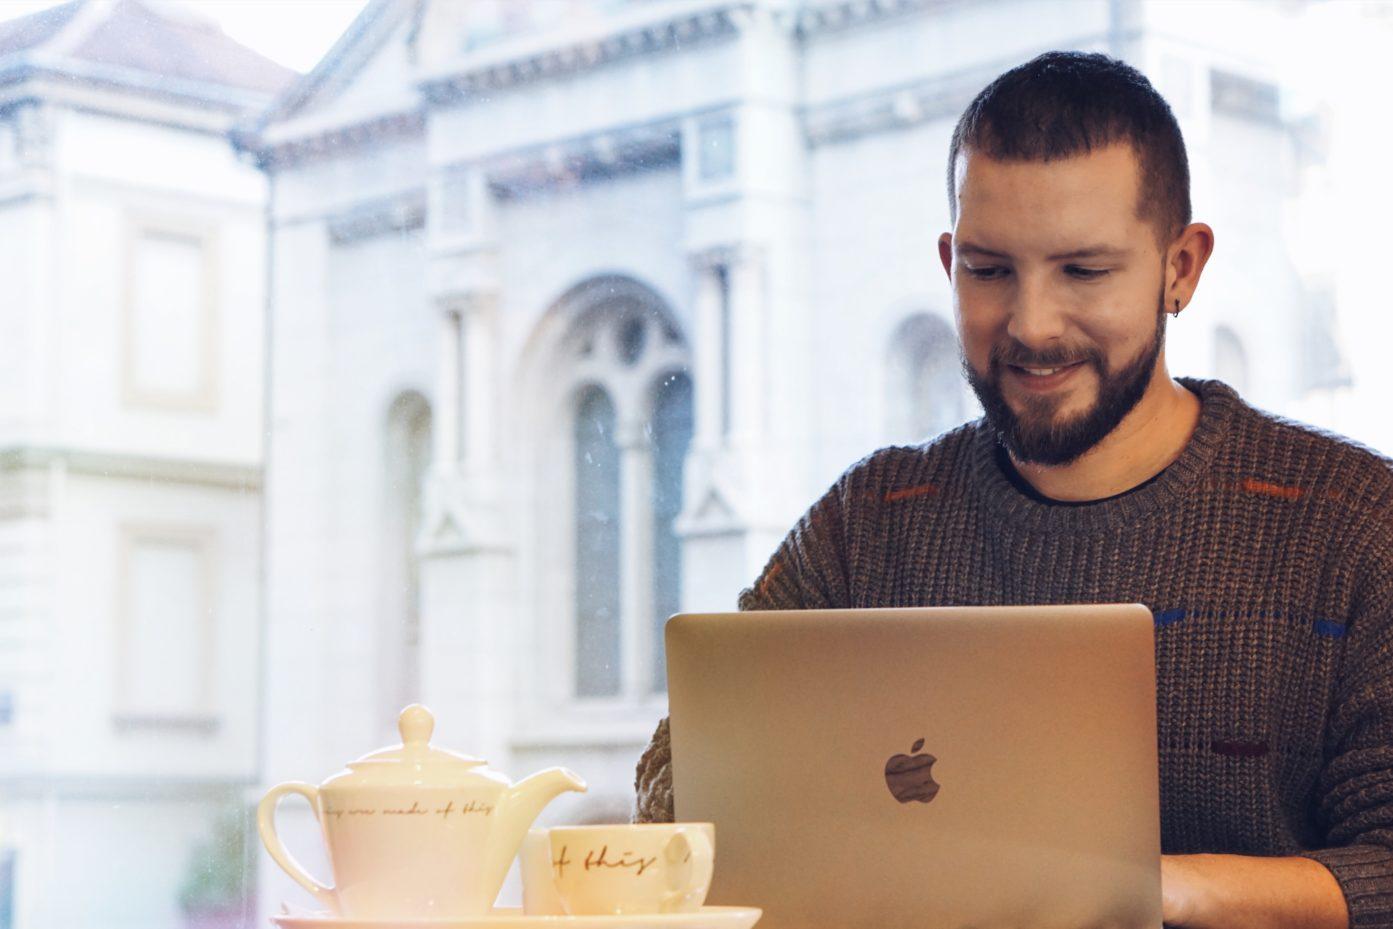 Kako postati digitalni nomad i zarađivati novac putem interneta?